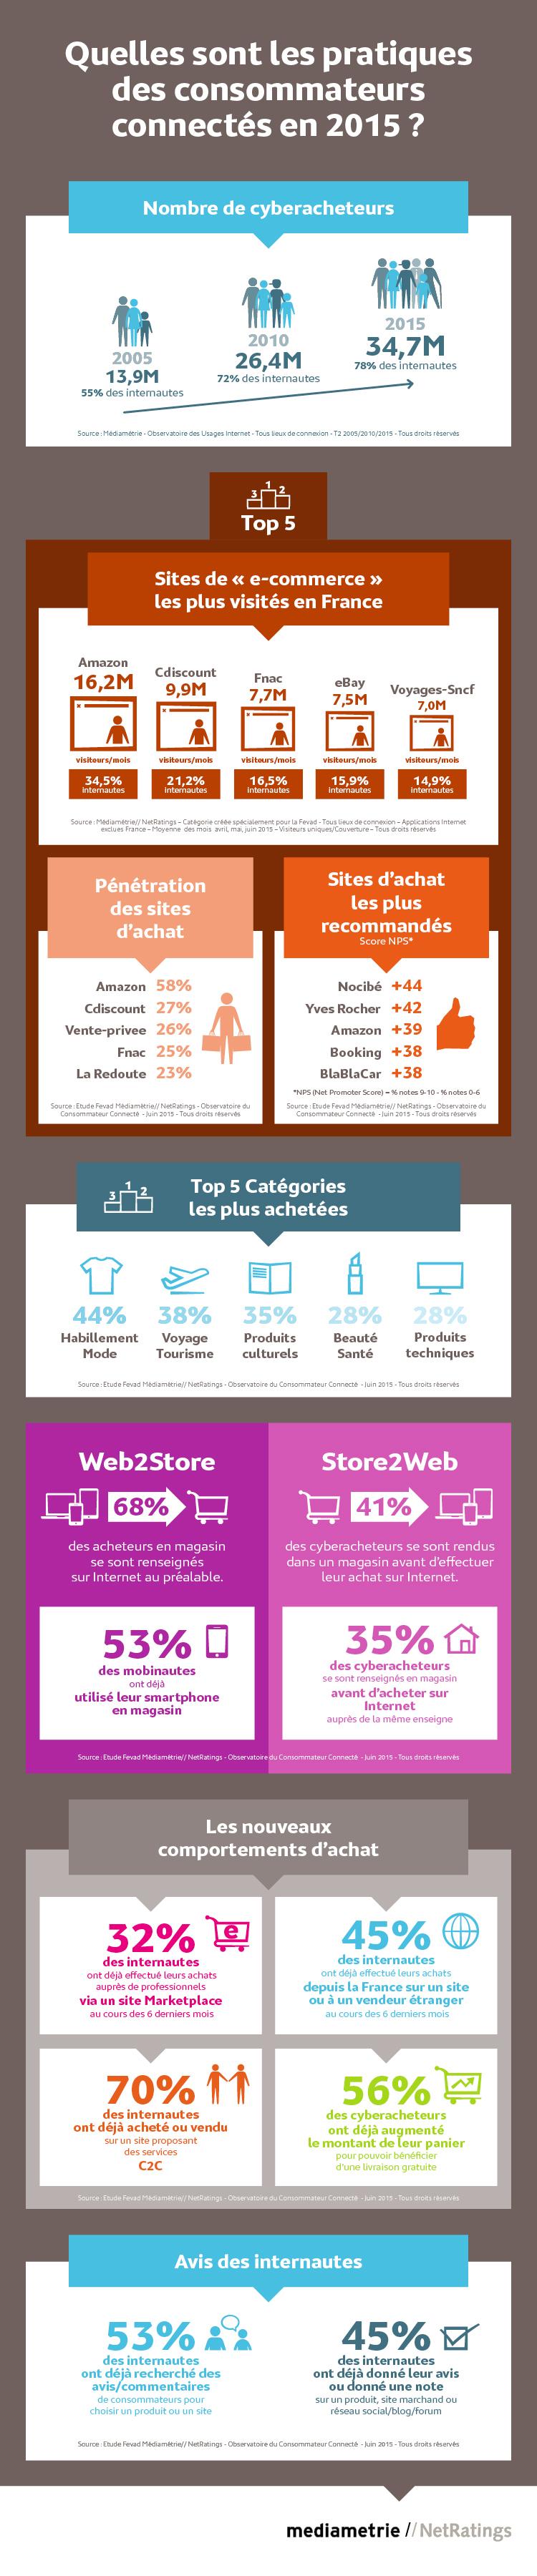 Infographie : les pratiques des consommateurs connectés en ...